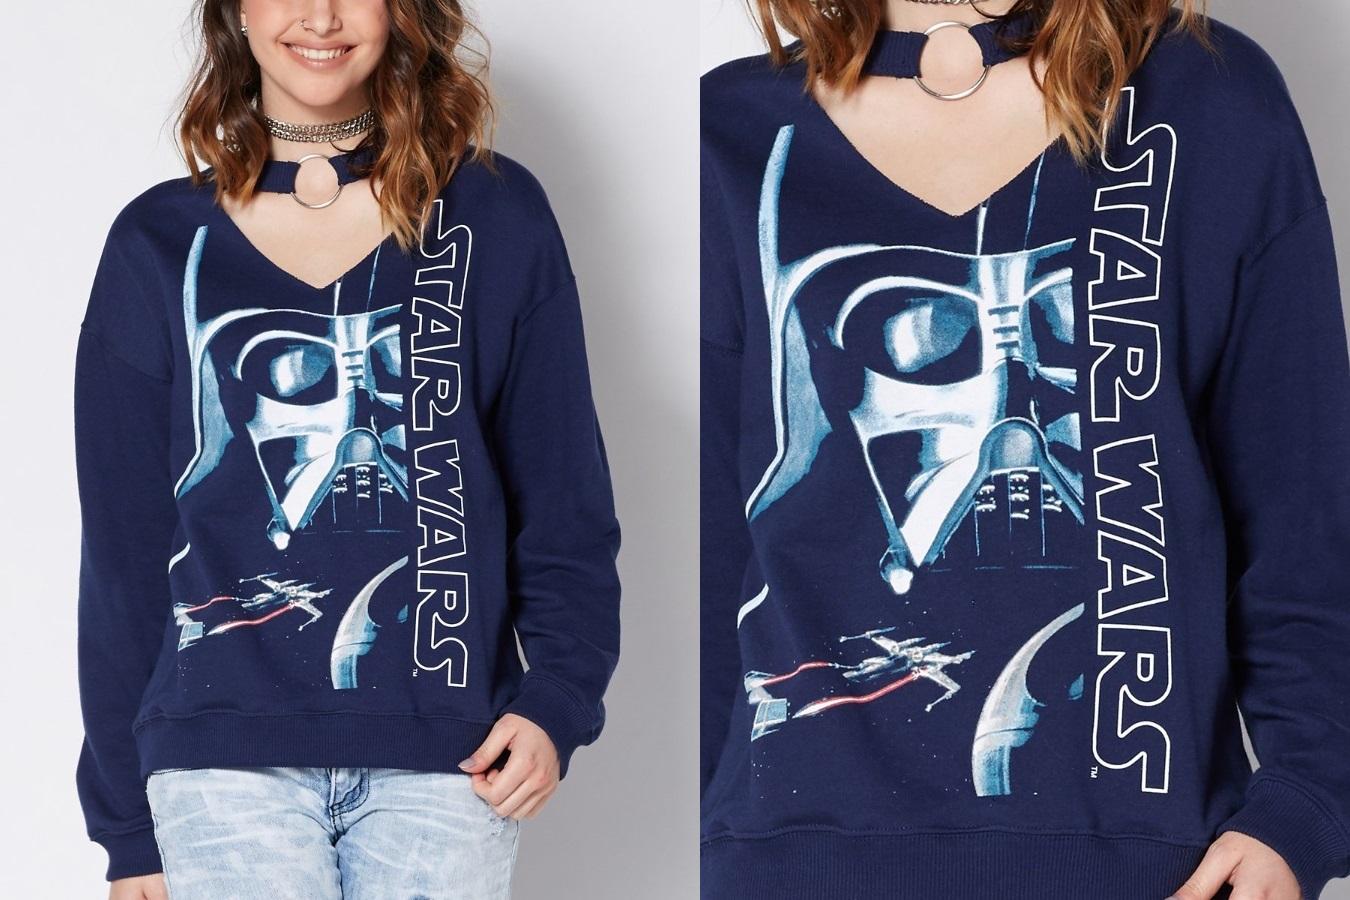 Women's Darth Vader Choker Sweatshirt